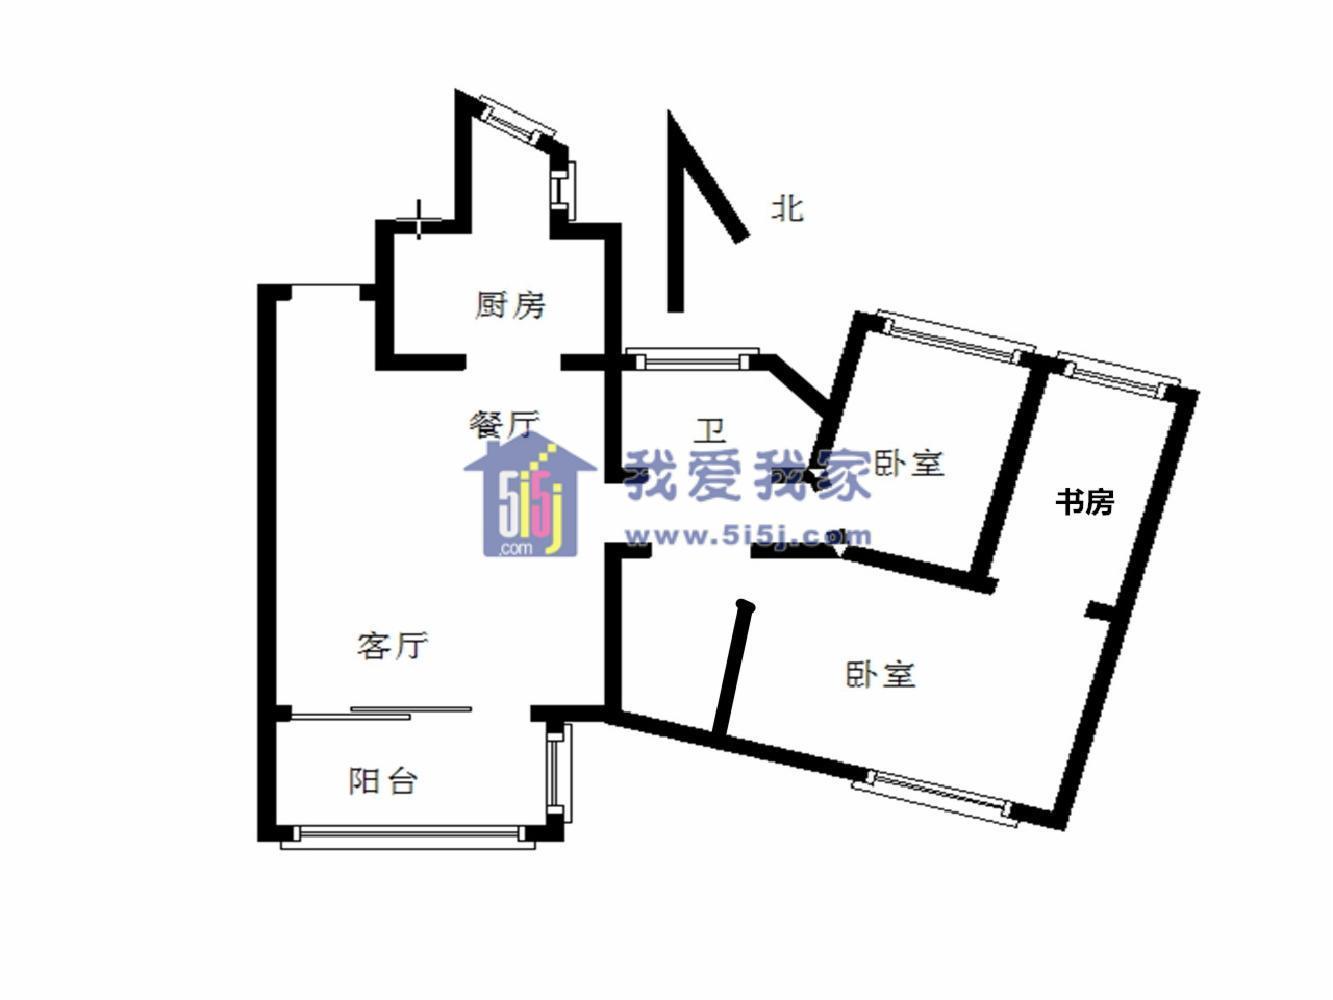 鼓楼区热河南路世茂滨江新城2室2厅户型图